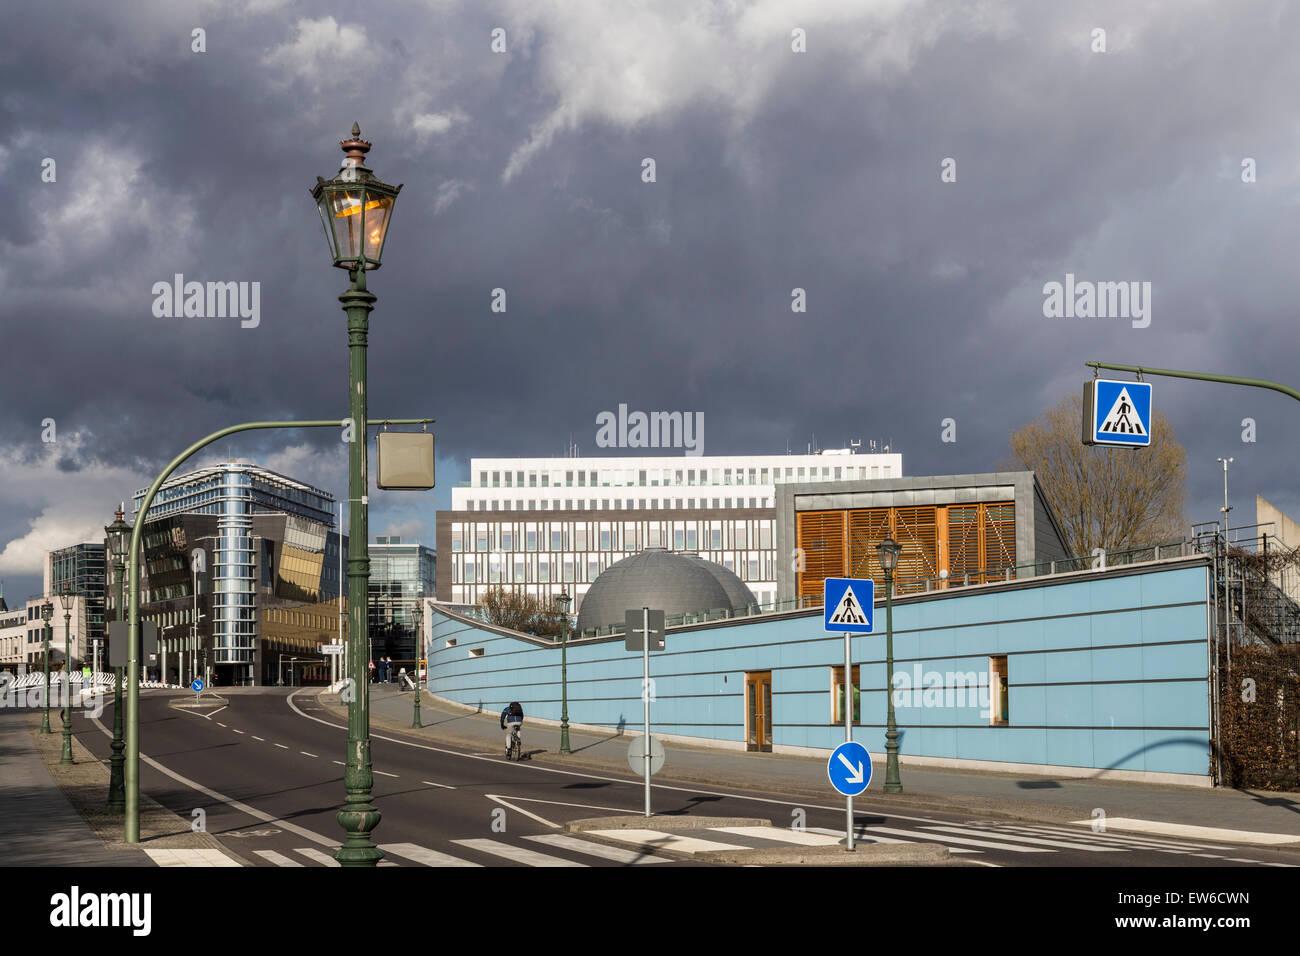 Quartier du gouvernement, l'architecture moderne, pont Calatrava, Kita, Berlin , Allemagne Banque D'Images